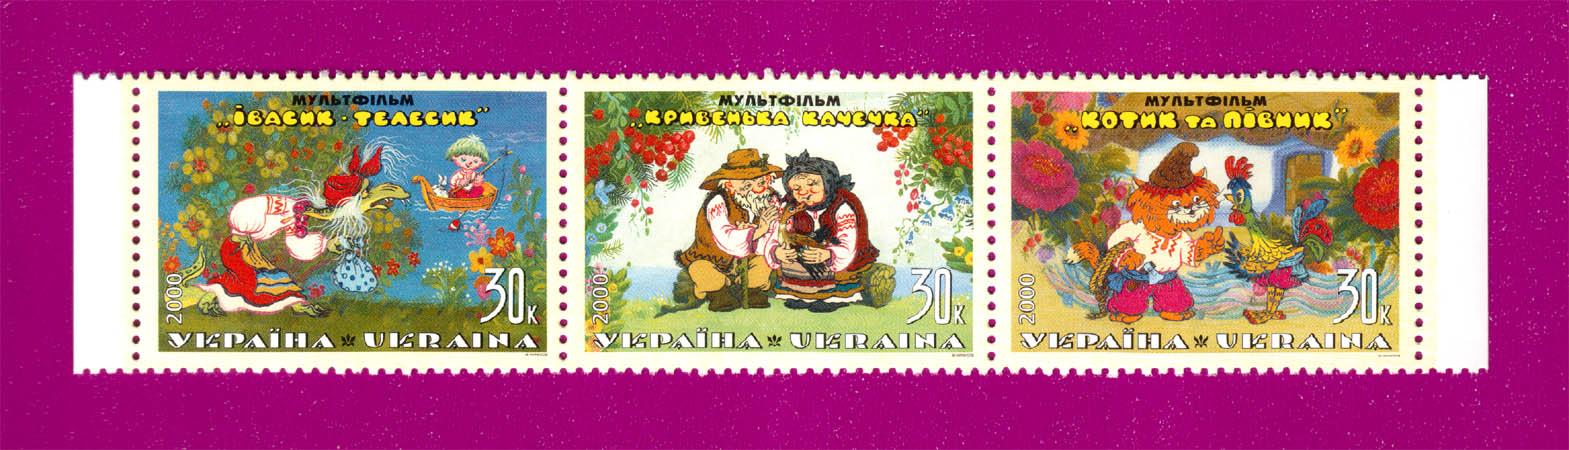 2000 сцепка Мультфильмы Сказки Украина